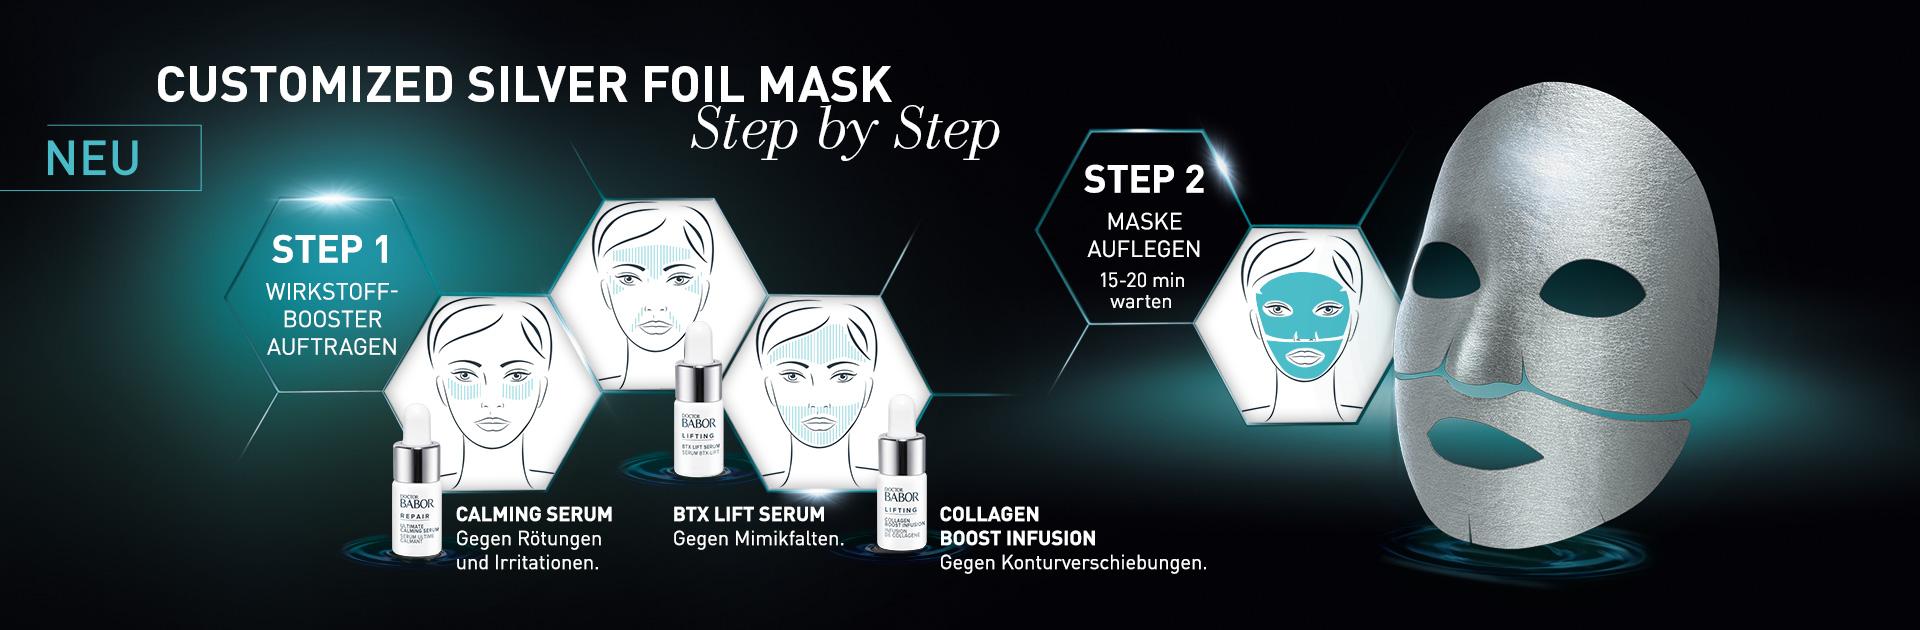 Doctor Babor Masken Kosmetik Und Hautpflege Online Kaufen Dr Hydro Cellular Hyaluron Cream 50 Ml Serum 30 Es Versorgt Die Haut Mit 3 Fach Hyaluronsure Hy Peptiden Hauteigene Hyaluronsureproduktion Untersttzt So Feuchtigkeit Besser In